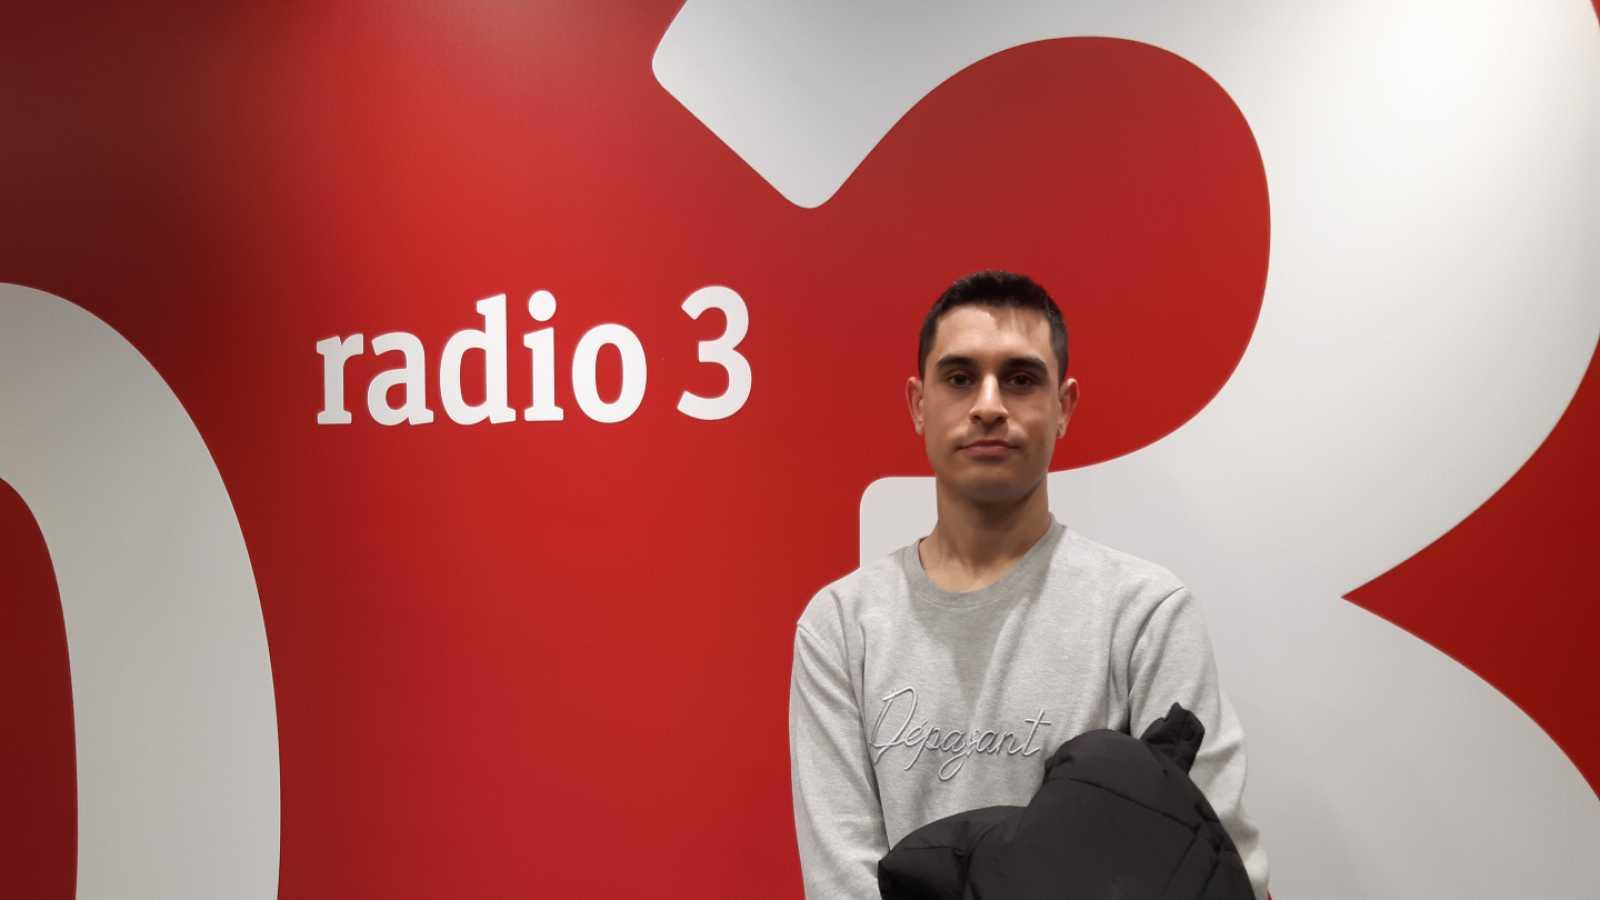 En Radio 3 - David Suárez - 20/02/21 - escuchar ahora